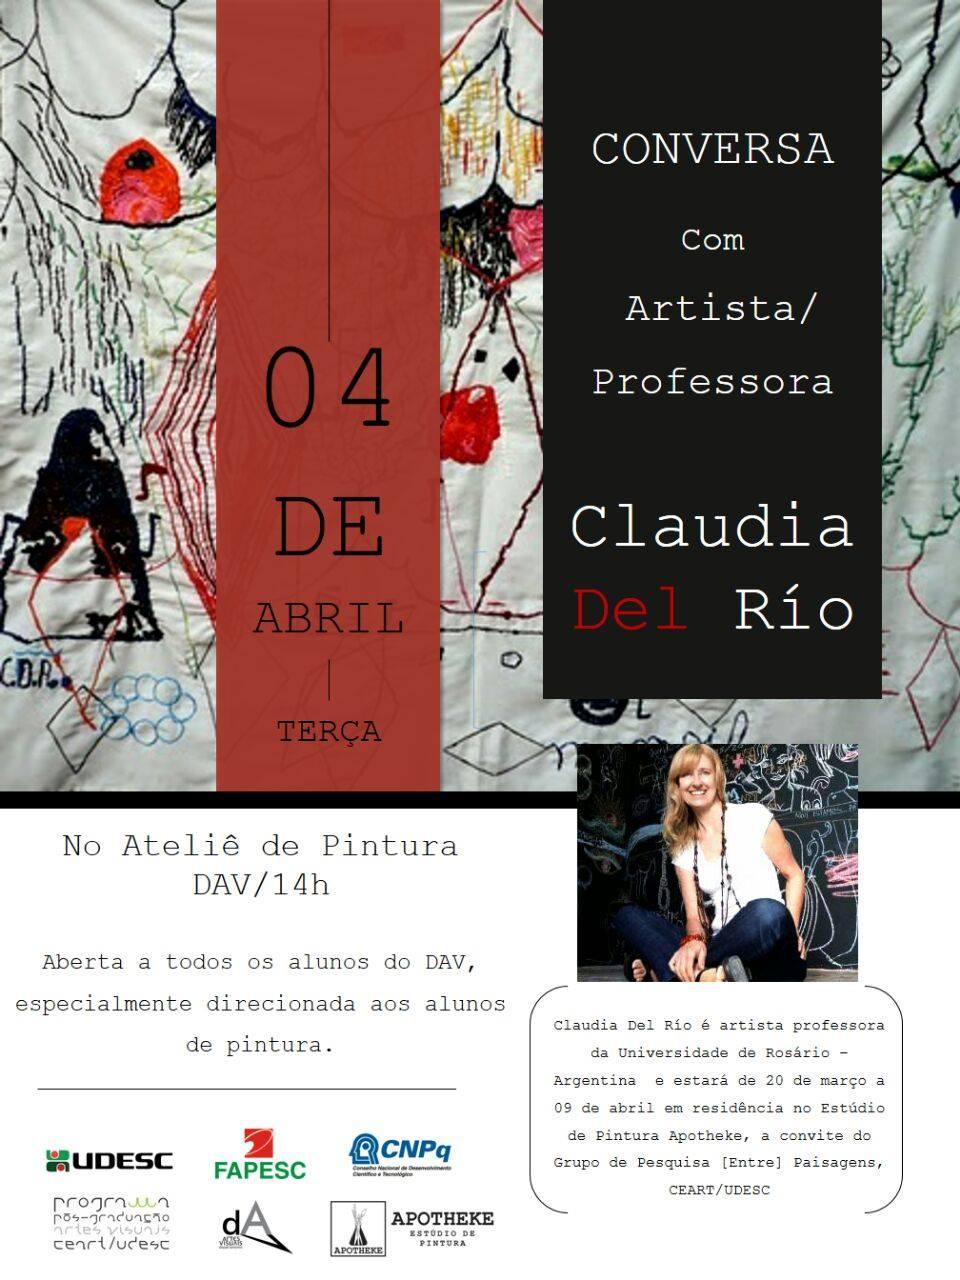 Conversa com Claudia Del Río